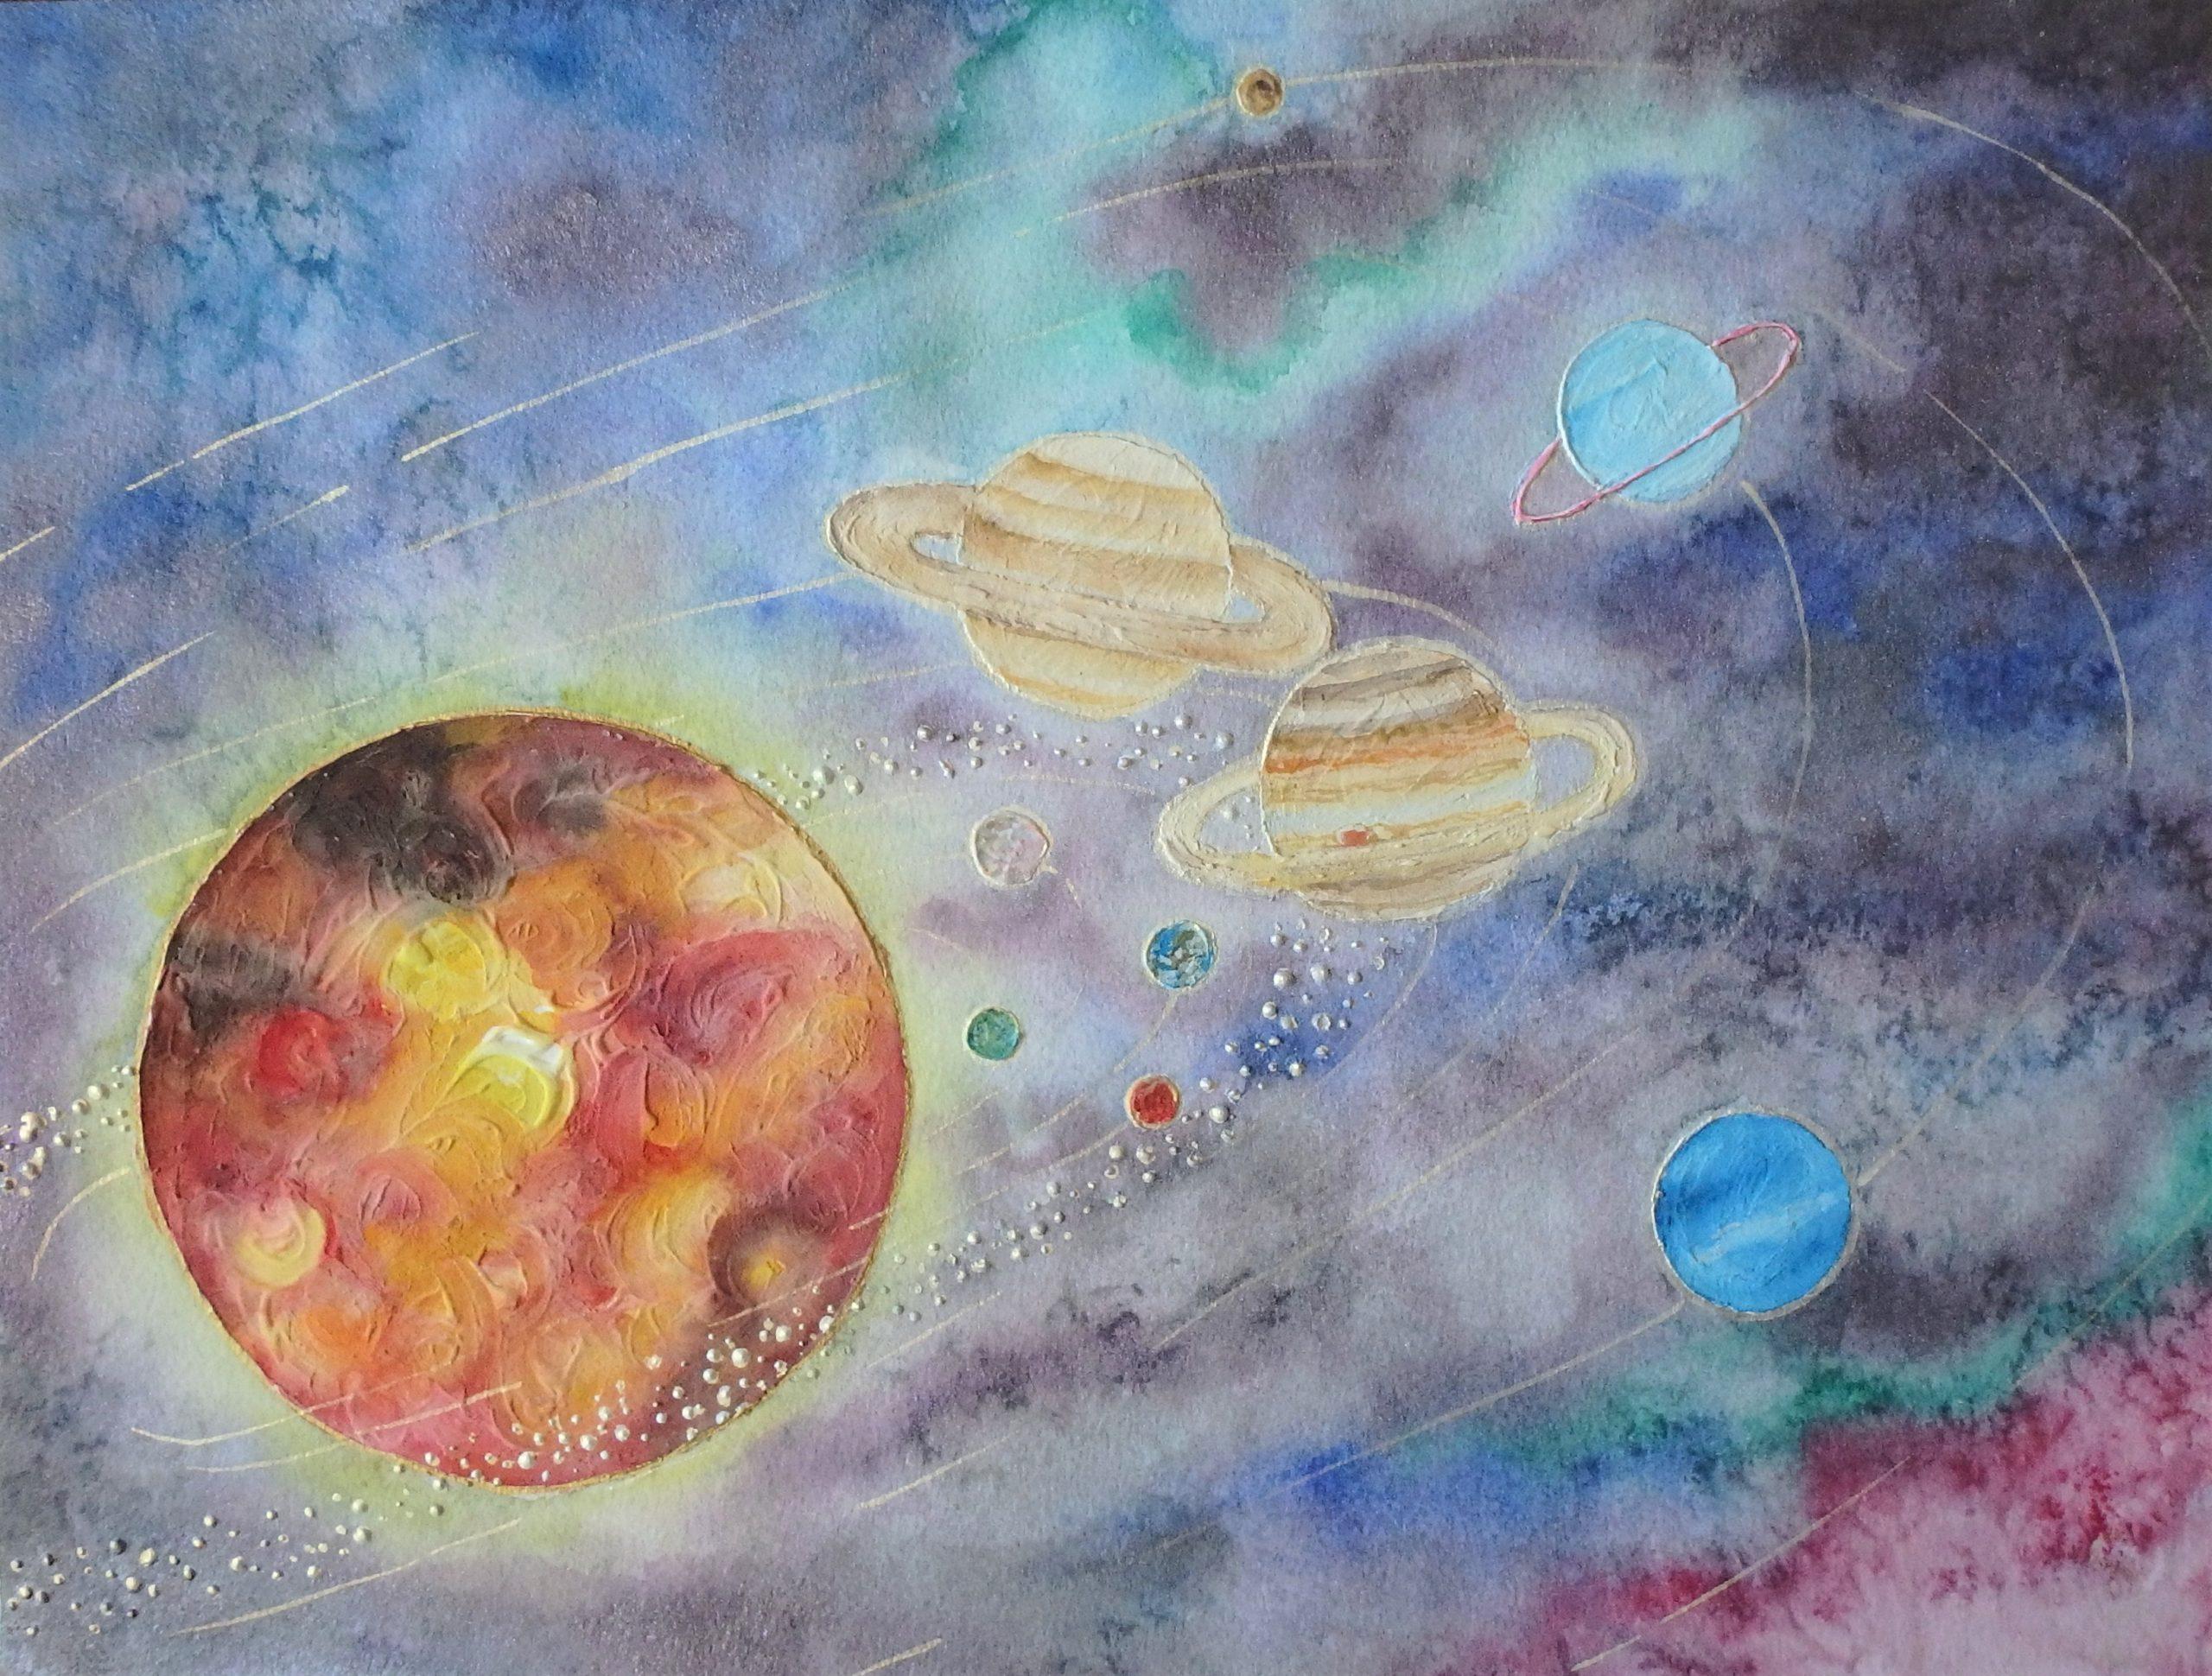 Notre système solaire